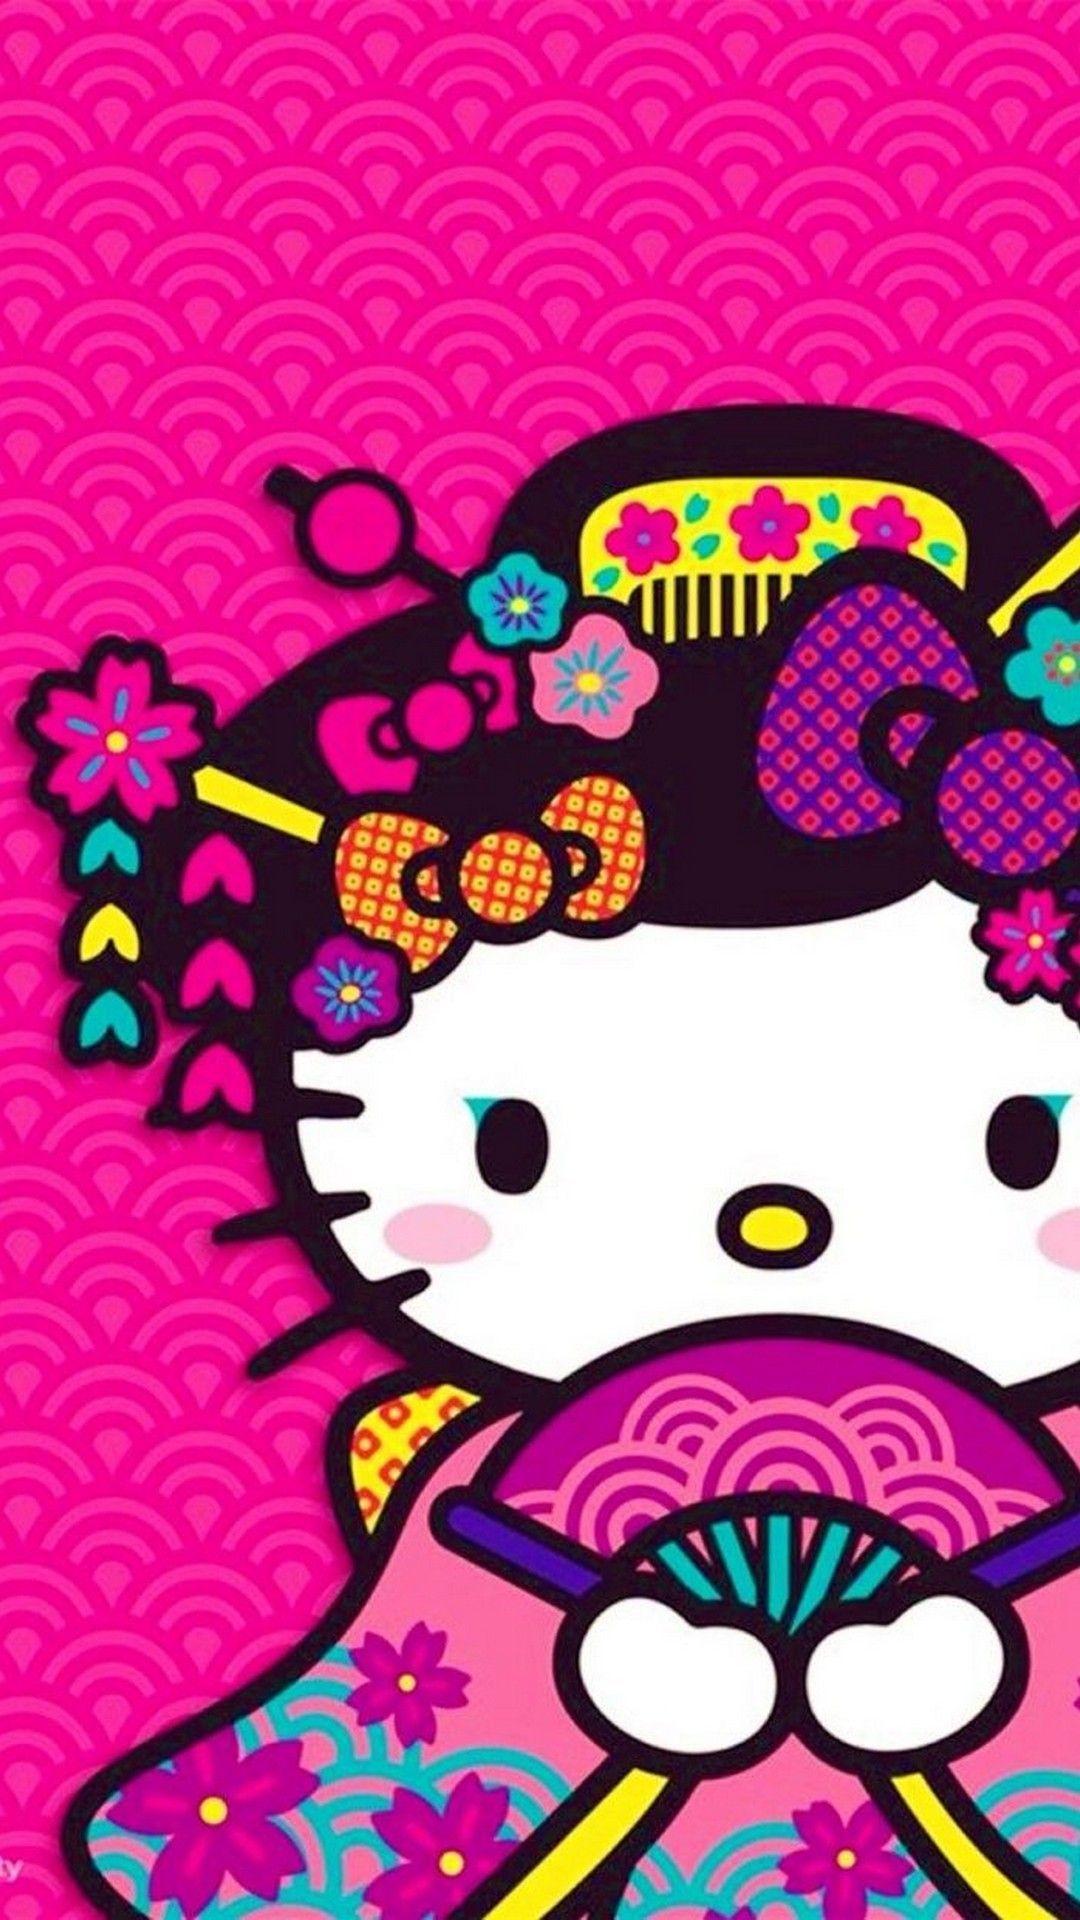 Purple Hello Kitty Purple Hello Kitty wallpaper in